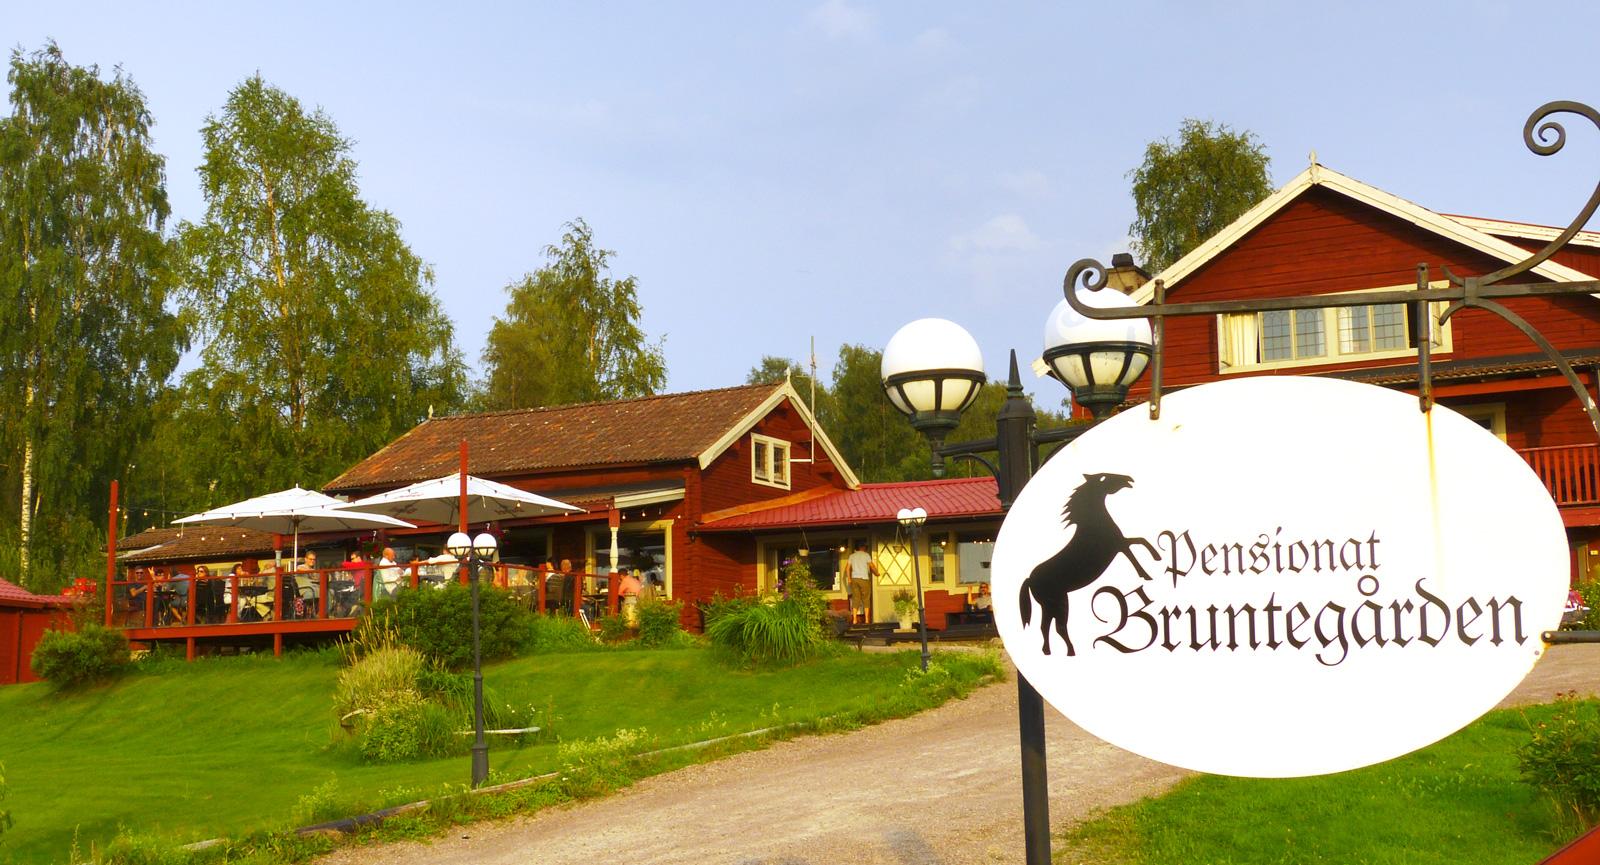 Bruntegården är en White Guide-belönad krog med kulinariska förtecken.